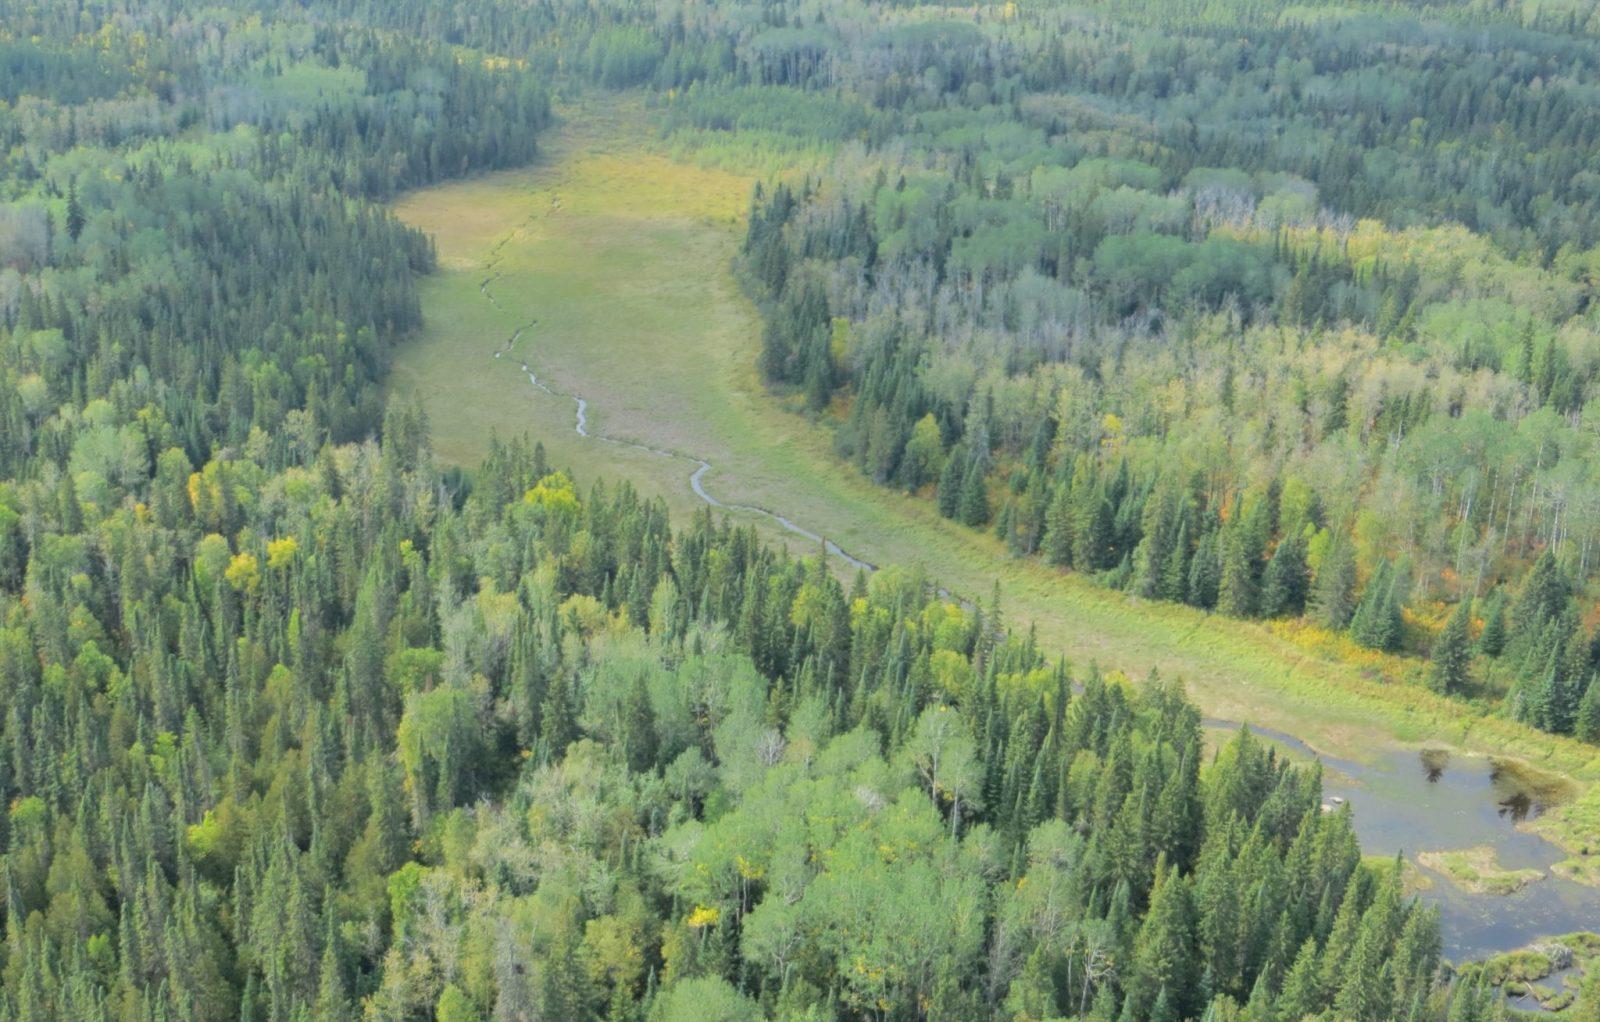 kapuskasing ontario wetlands